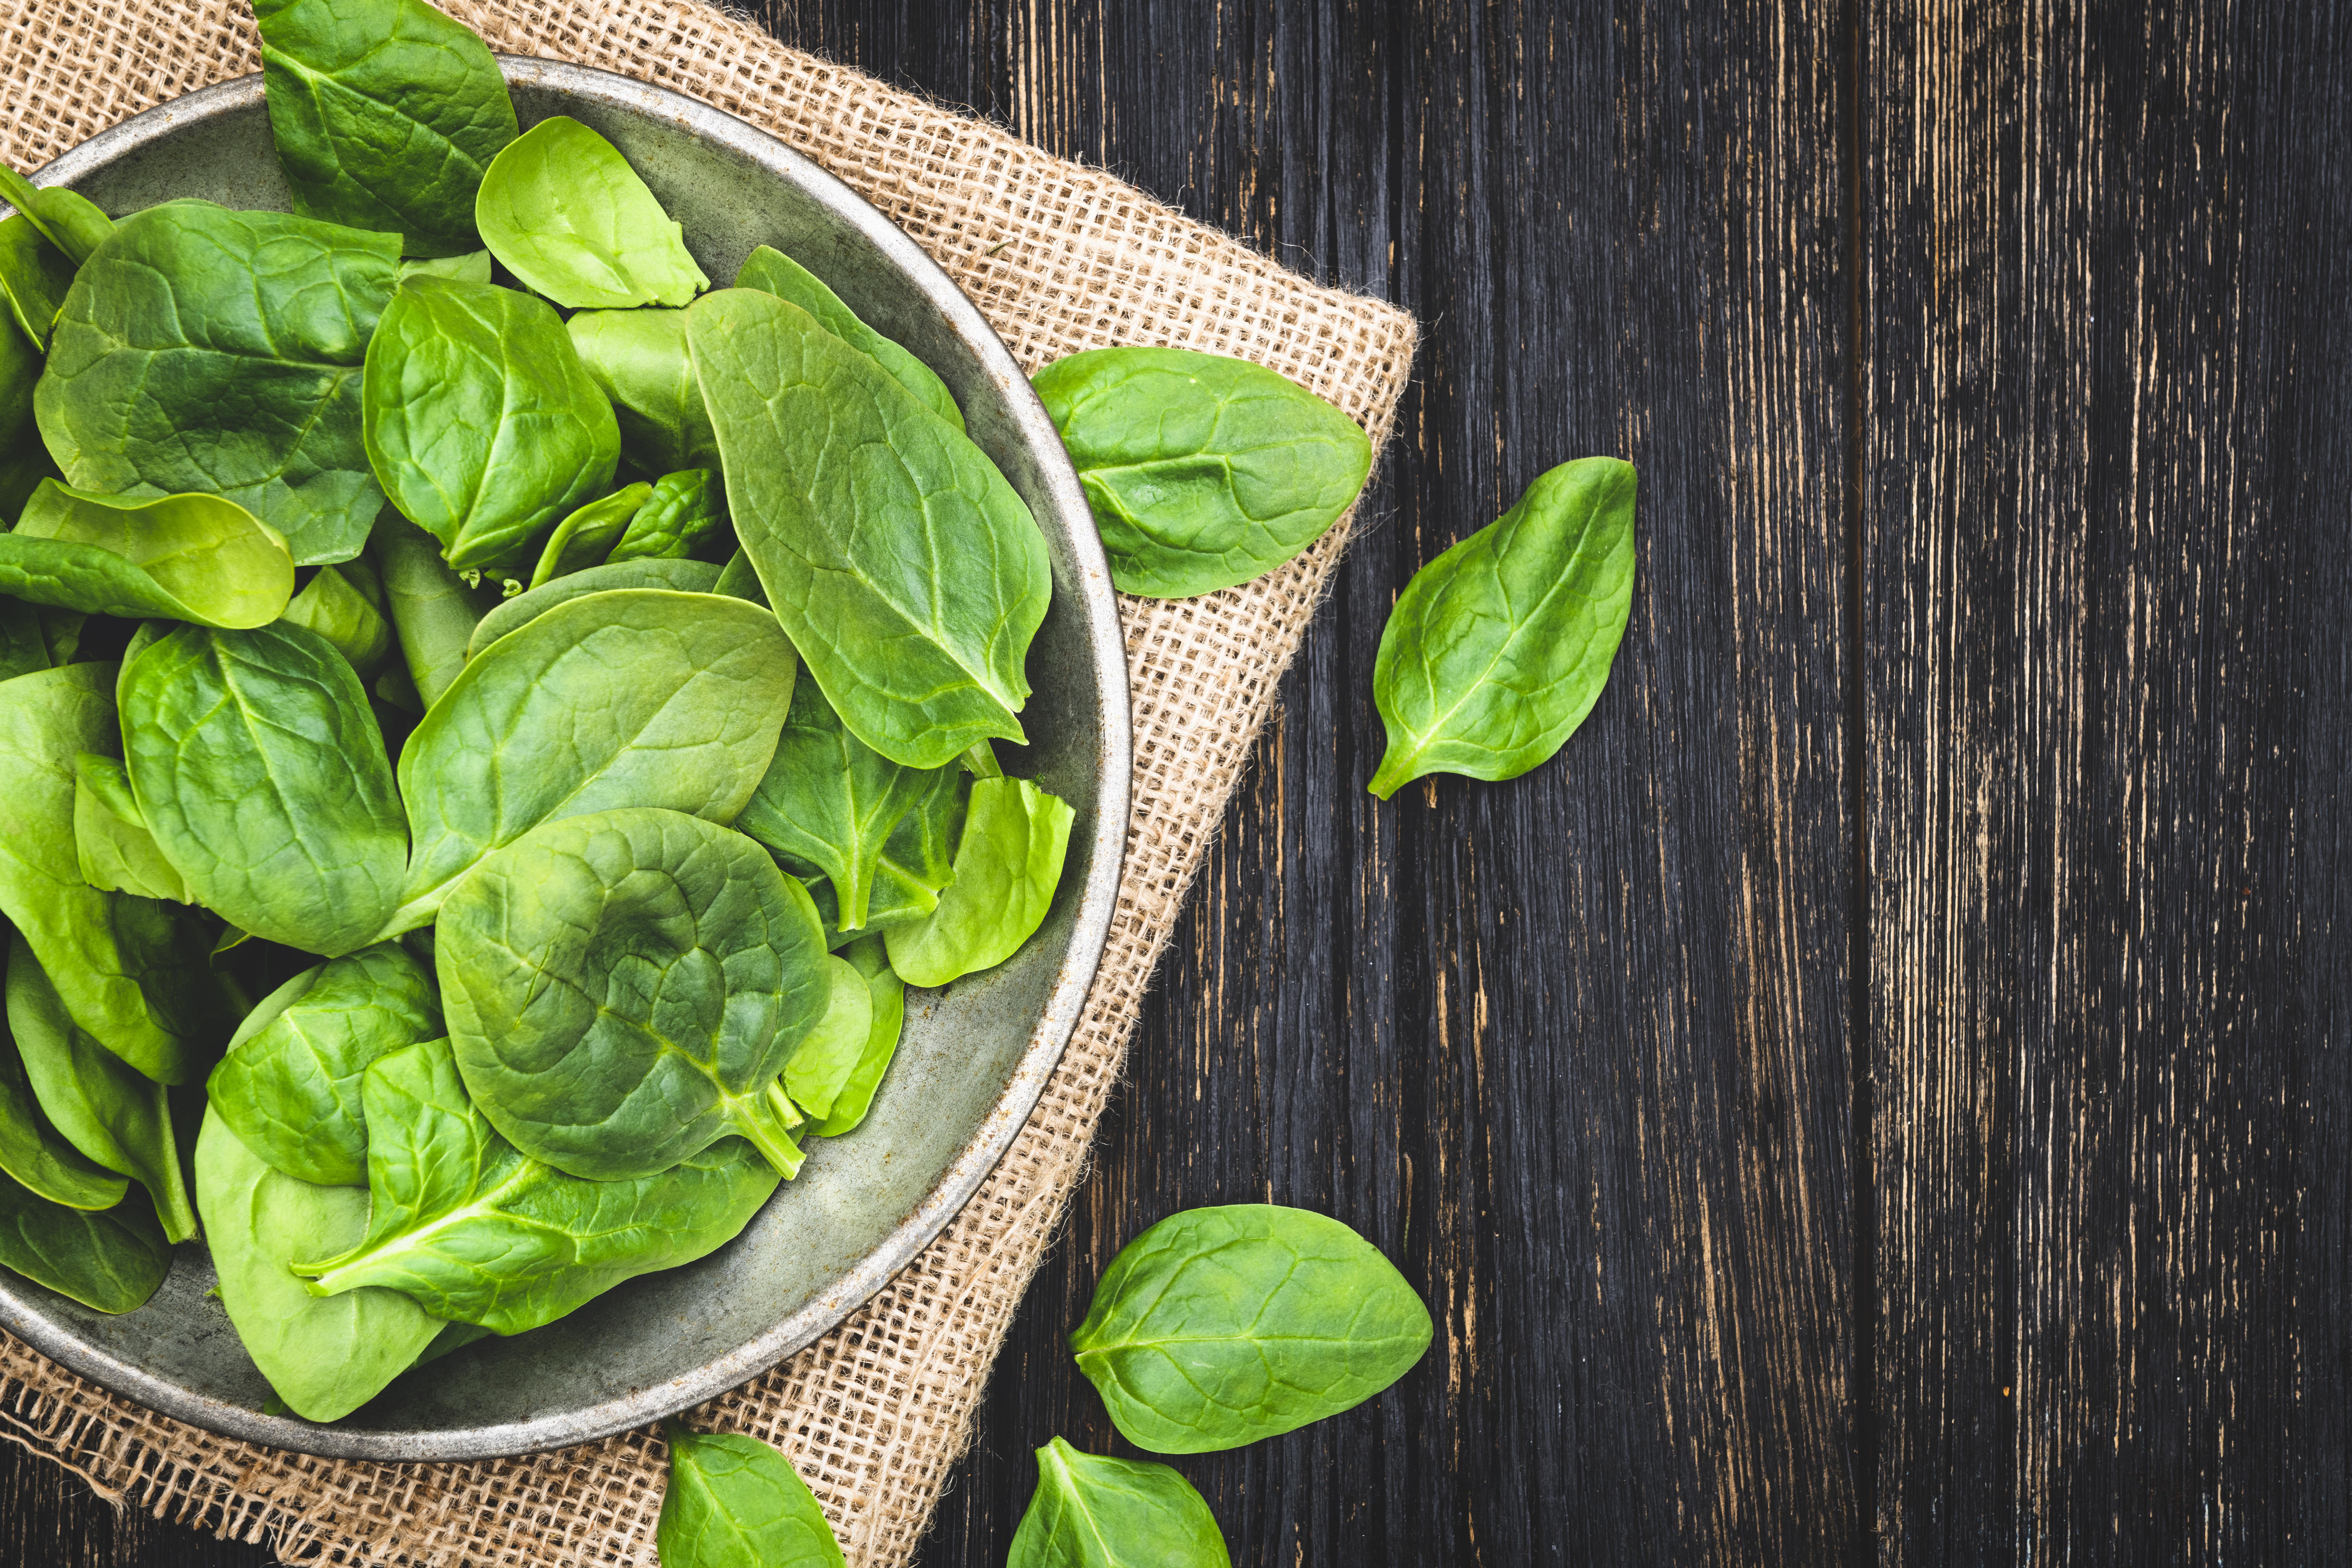 <p><strong>Спанак и други зеленчуци със зелен цвят</strong></p>  <p>При споменаването на спанака веднага се сещаме за Попай моряка, който получава силата си от него. Той съдържа лутеин, отговорен за очното здраве. Тук важи същото правило, както и при горските плодове - колкото по-тъмен е цветът, толкова повече полезни вещества съдържа. Те са богати на нитрати, които подобряват кръвообращението и снабдяват клетките с кислород.</p>